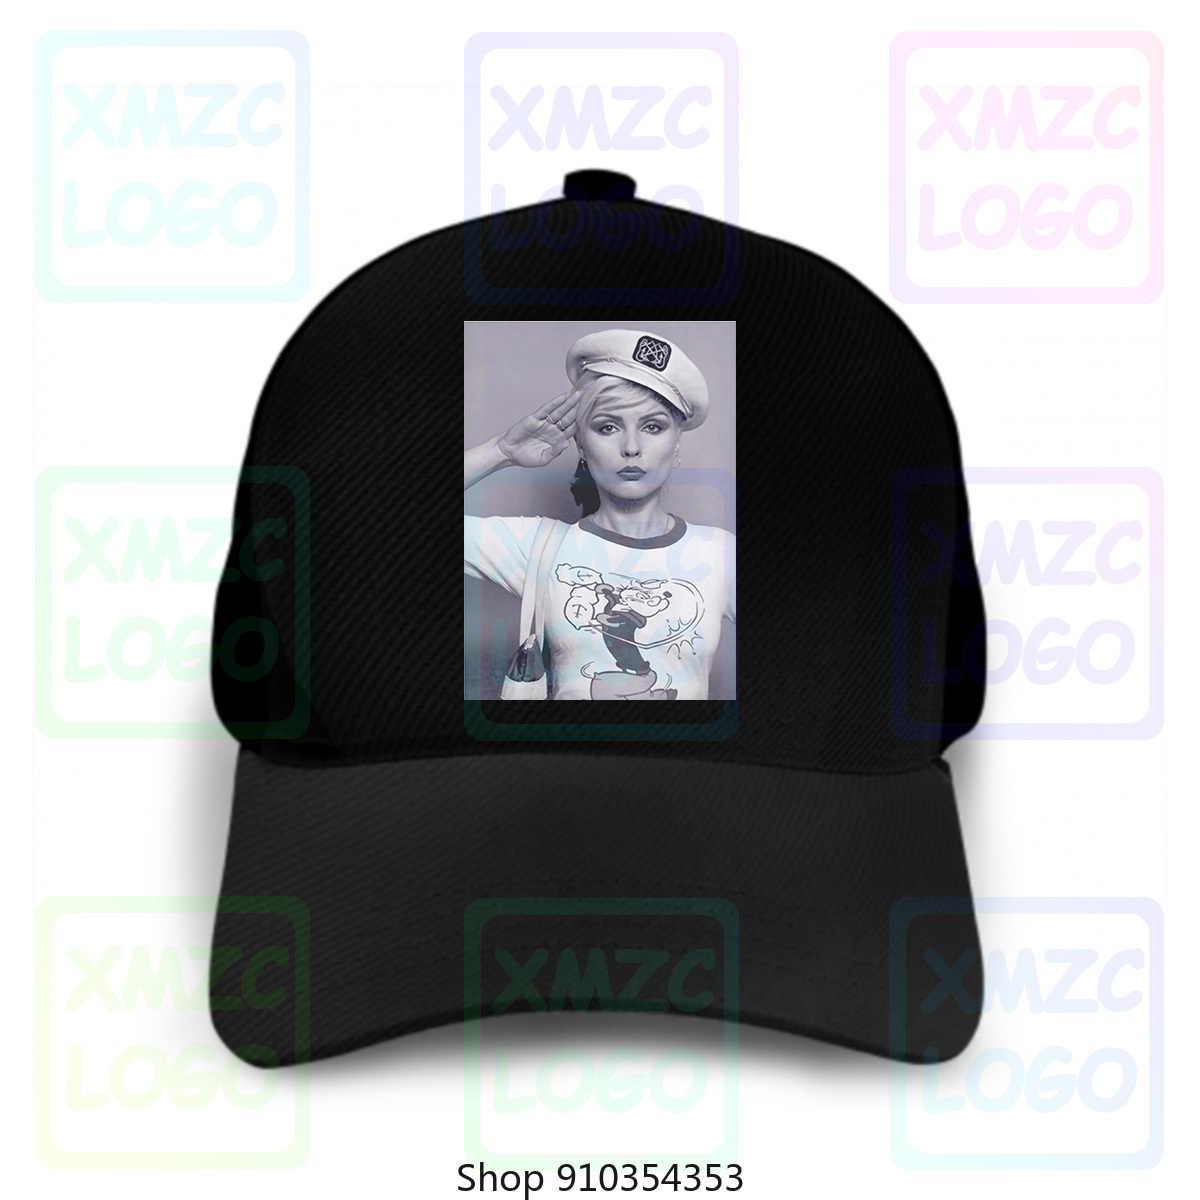 Robocop Ocp Классическая бейсбольная кепка с логотипом фильма и принтом Ed209 Ретро винтажная бейсболка оригинального дизайна шапки для женщин и мужчин